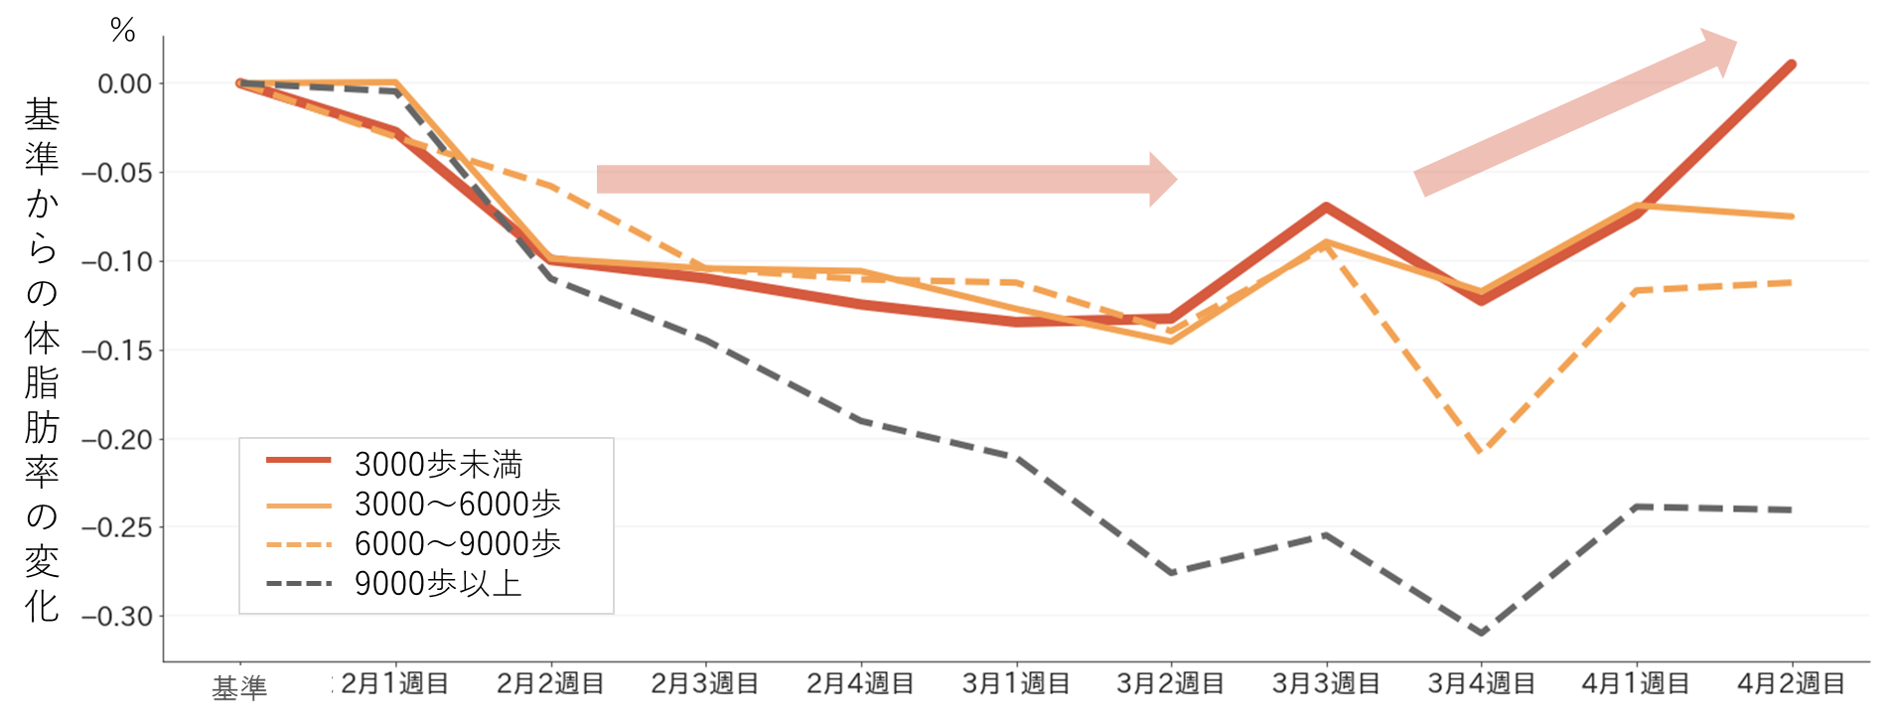 (図4)歩数カテゴリーごとの体脂肪率の変化